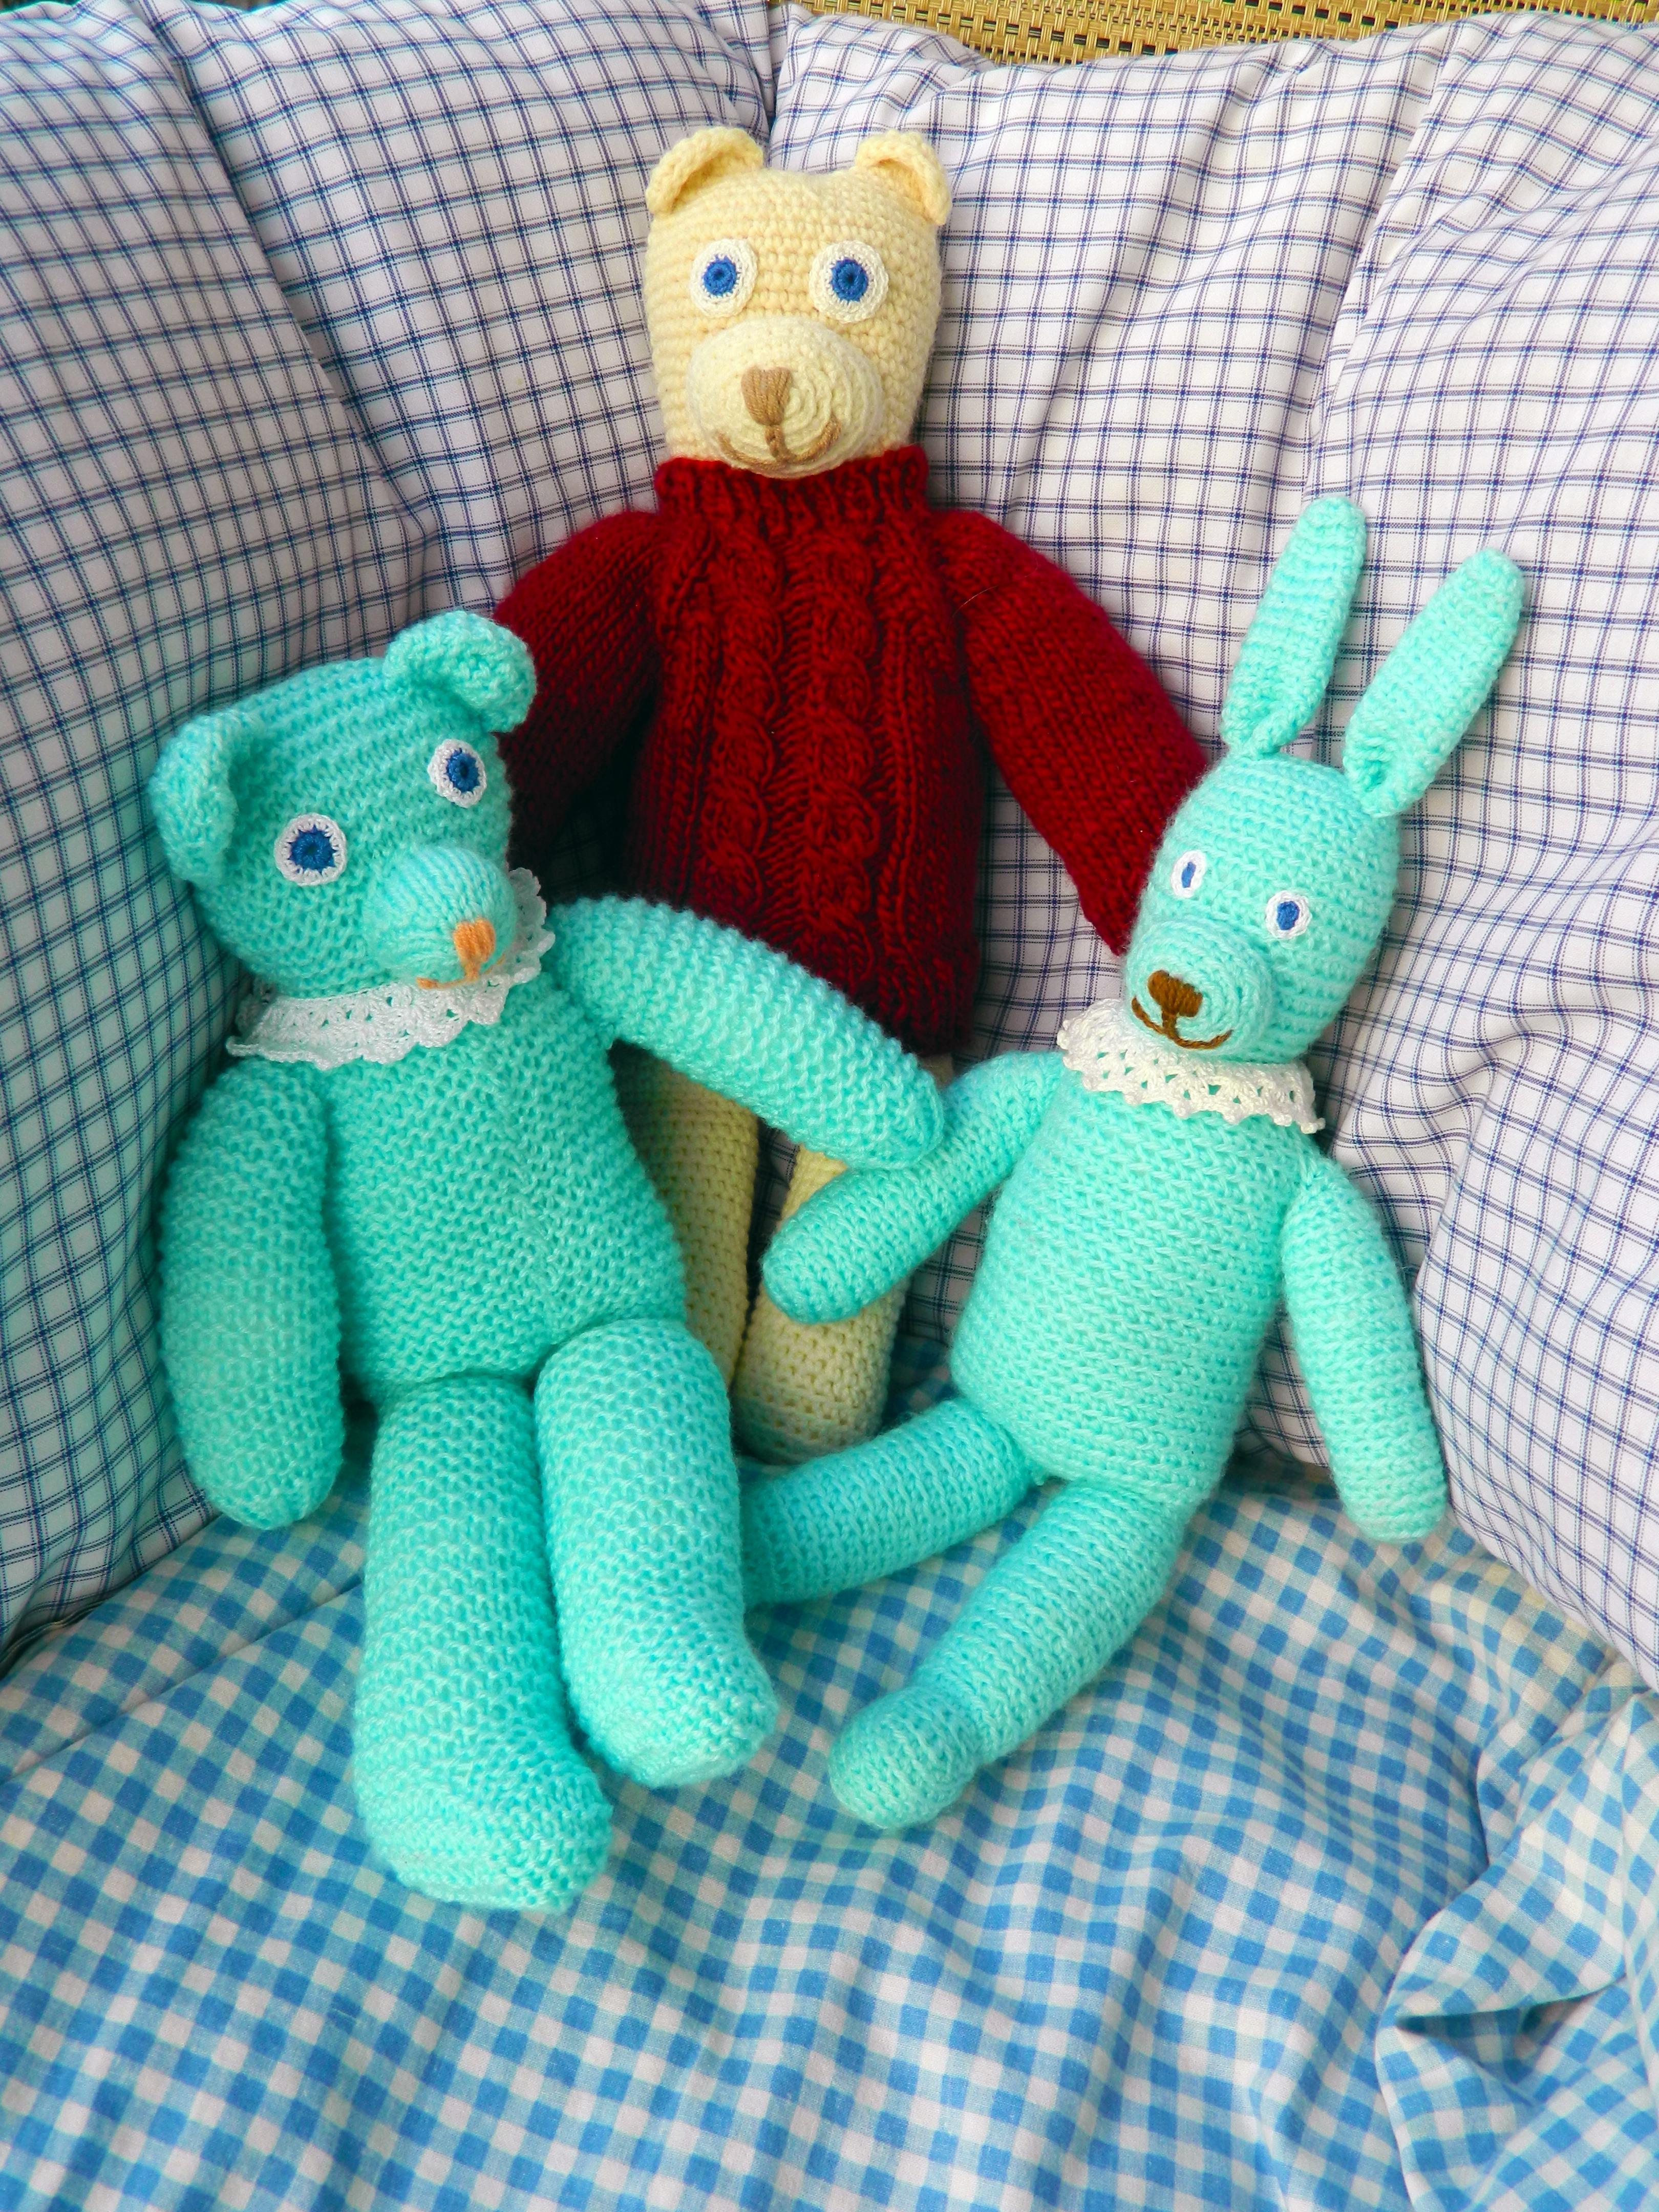 Kostenlose foto : Grün, blau, Kunst, Spielzeug, häkeln, Textil ...